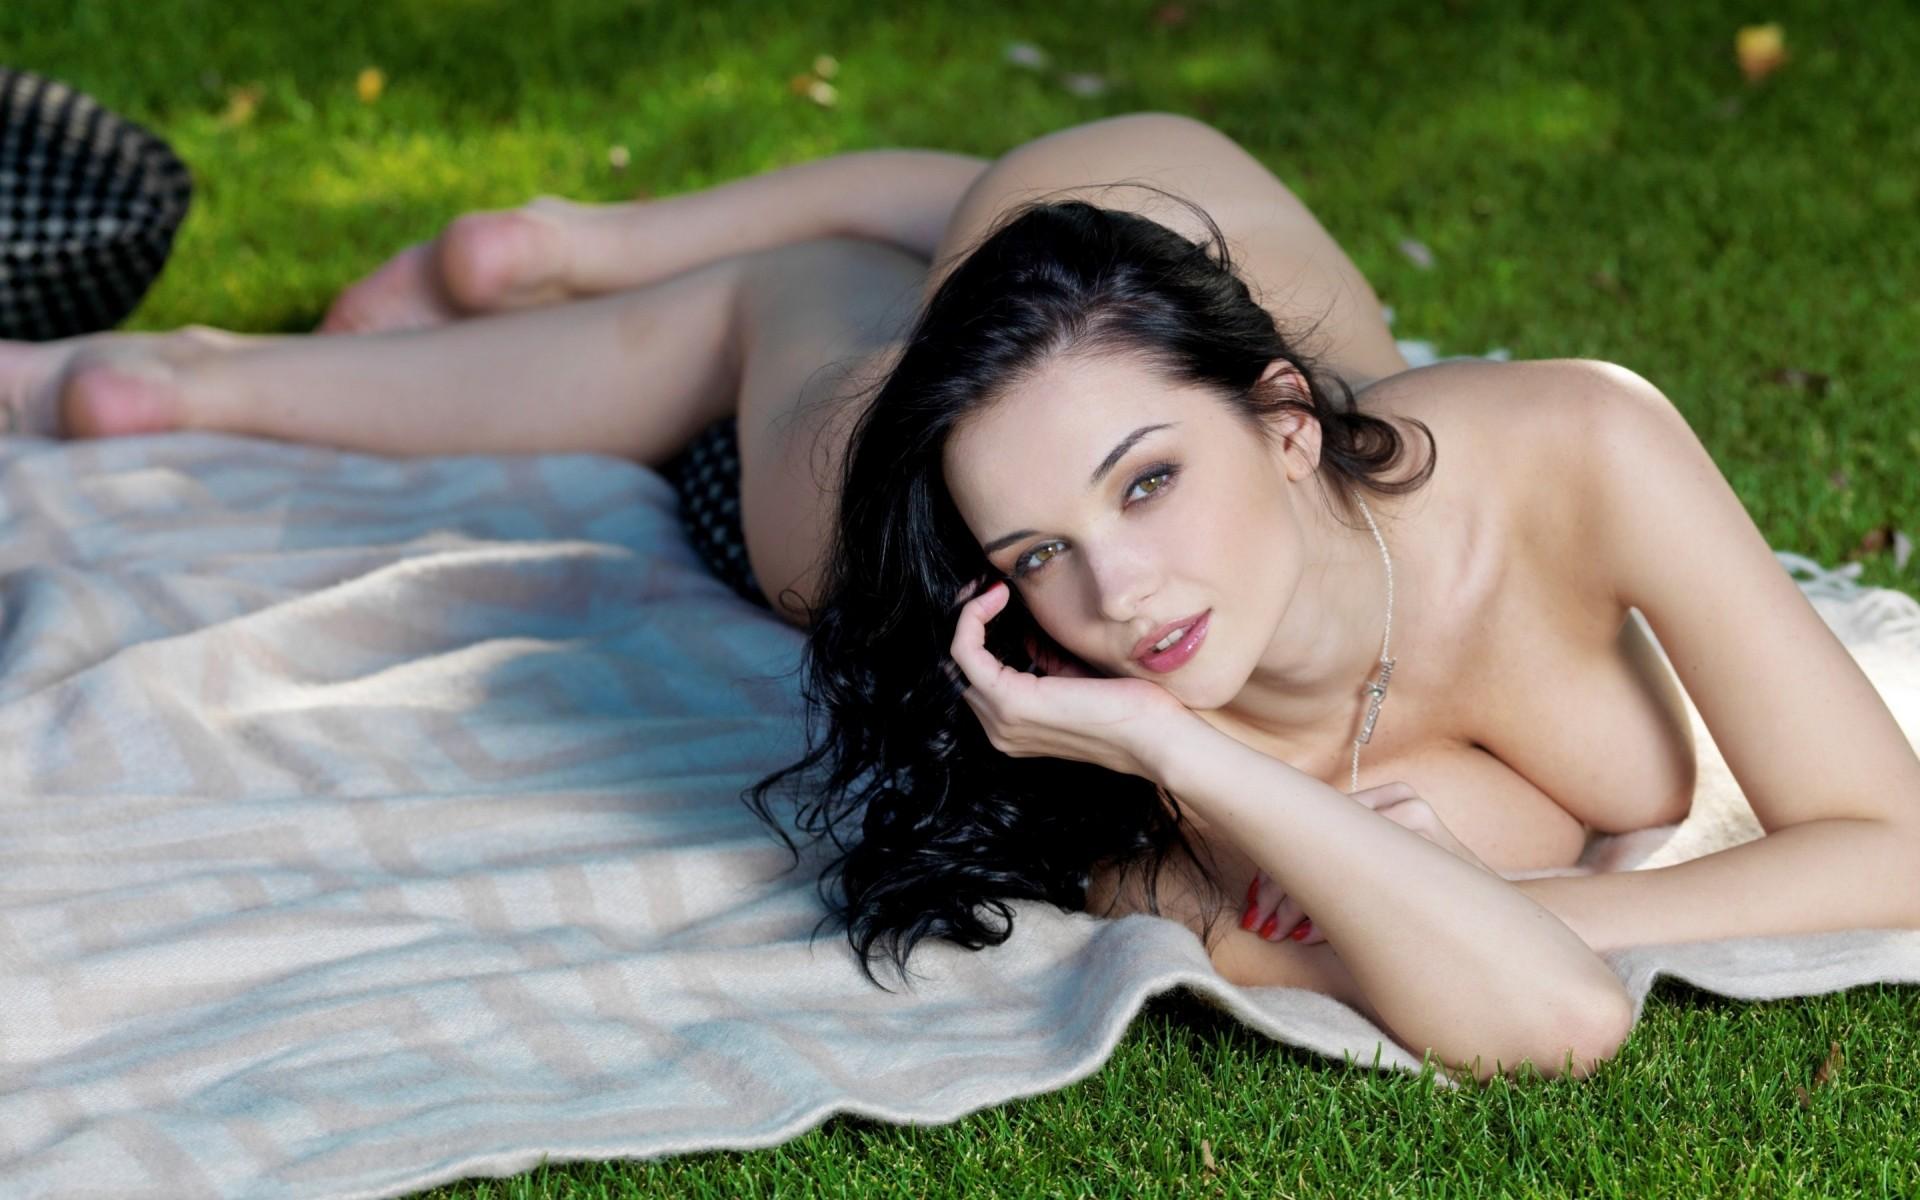 evgeniya-foto-erotika-kak-muzhchine-v-zhopu-tolkayut-nastoyashie-yagodi